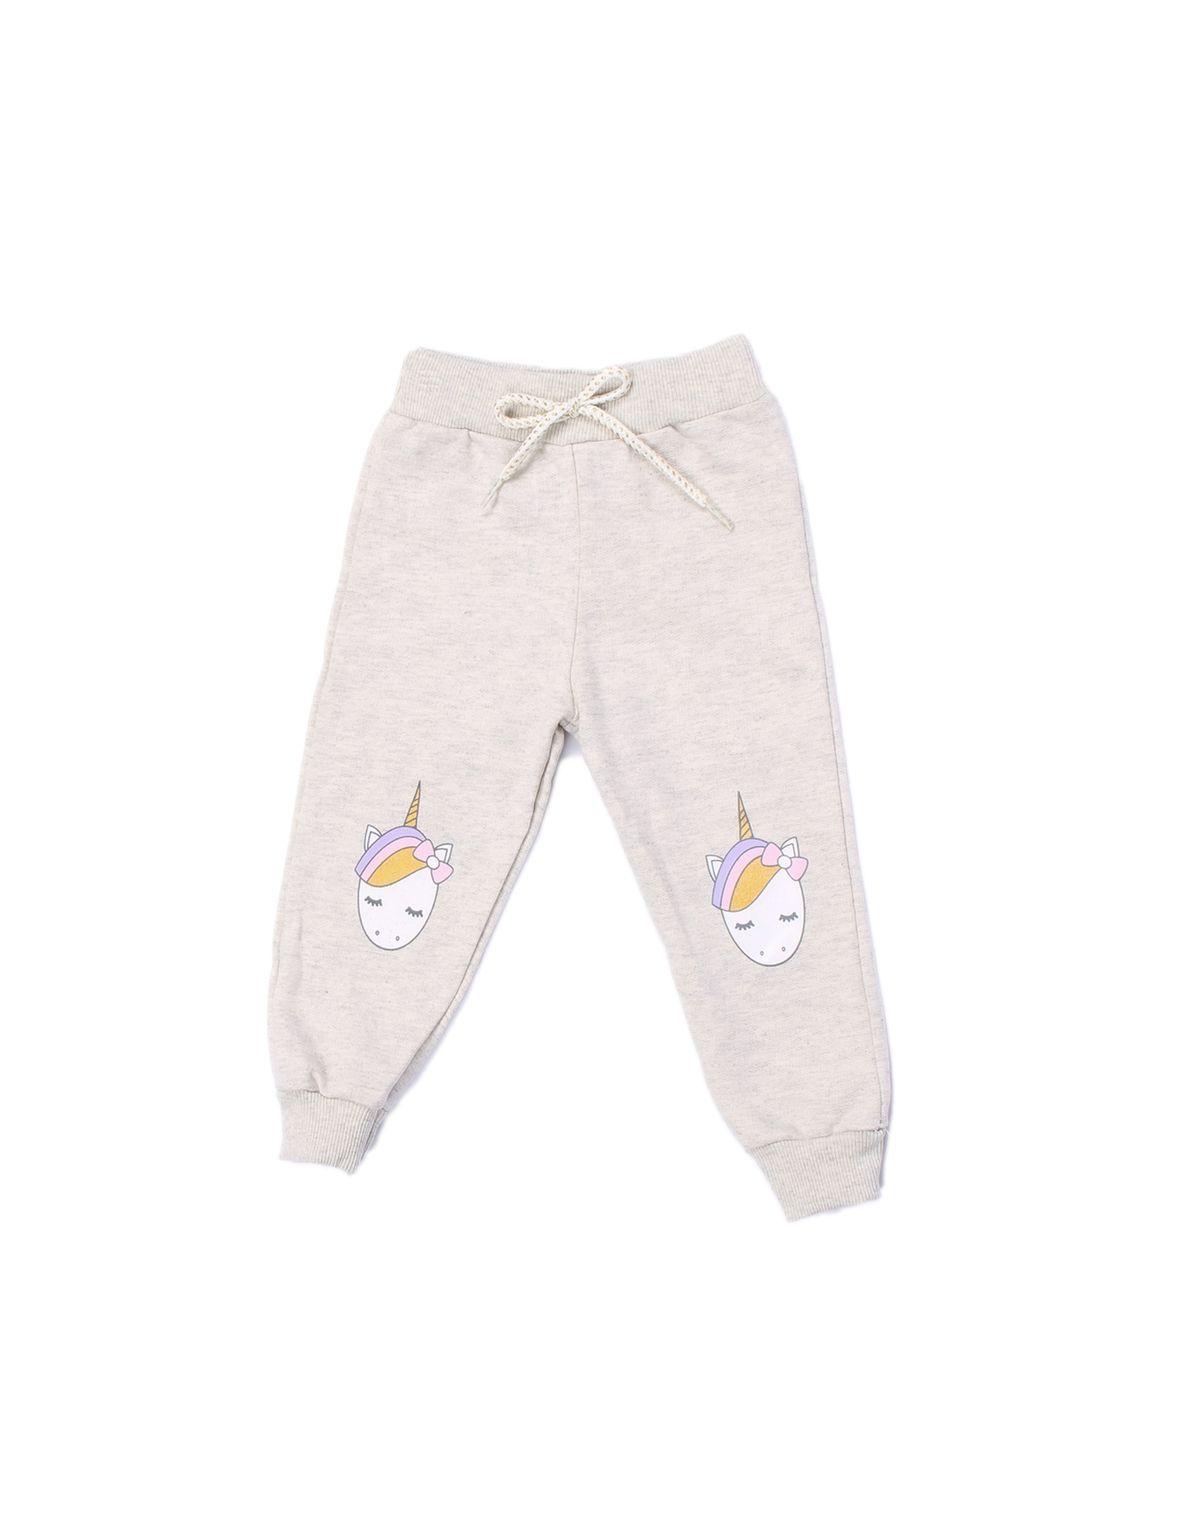 583431001-calca-moletom-jogger-bebe-menina-estampa-unicornio-mescla-banana-1-e7a